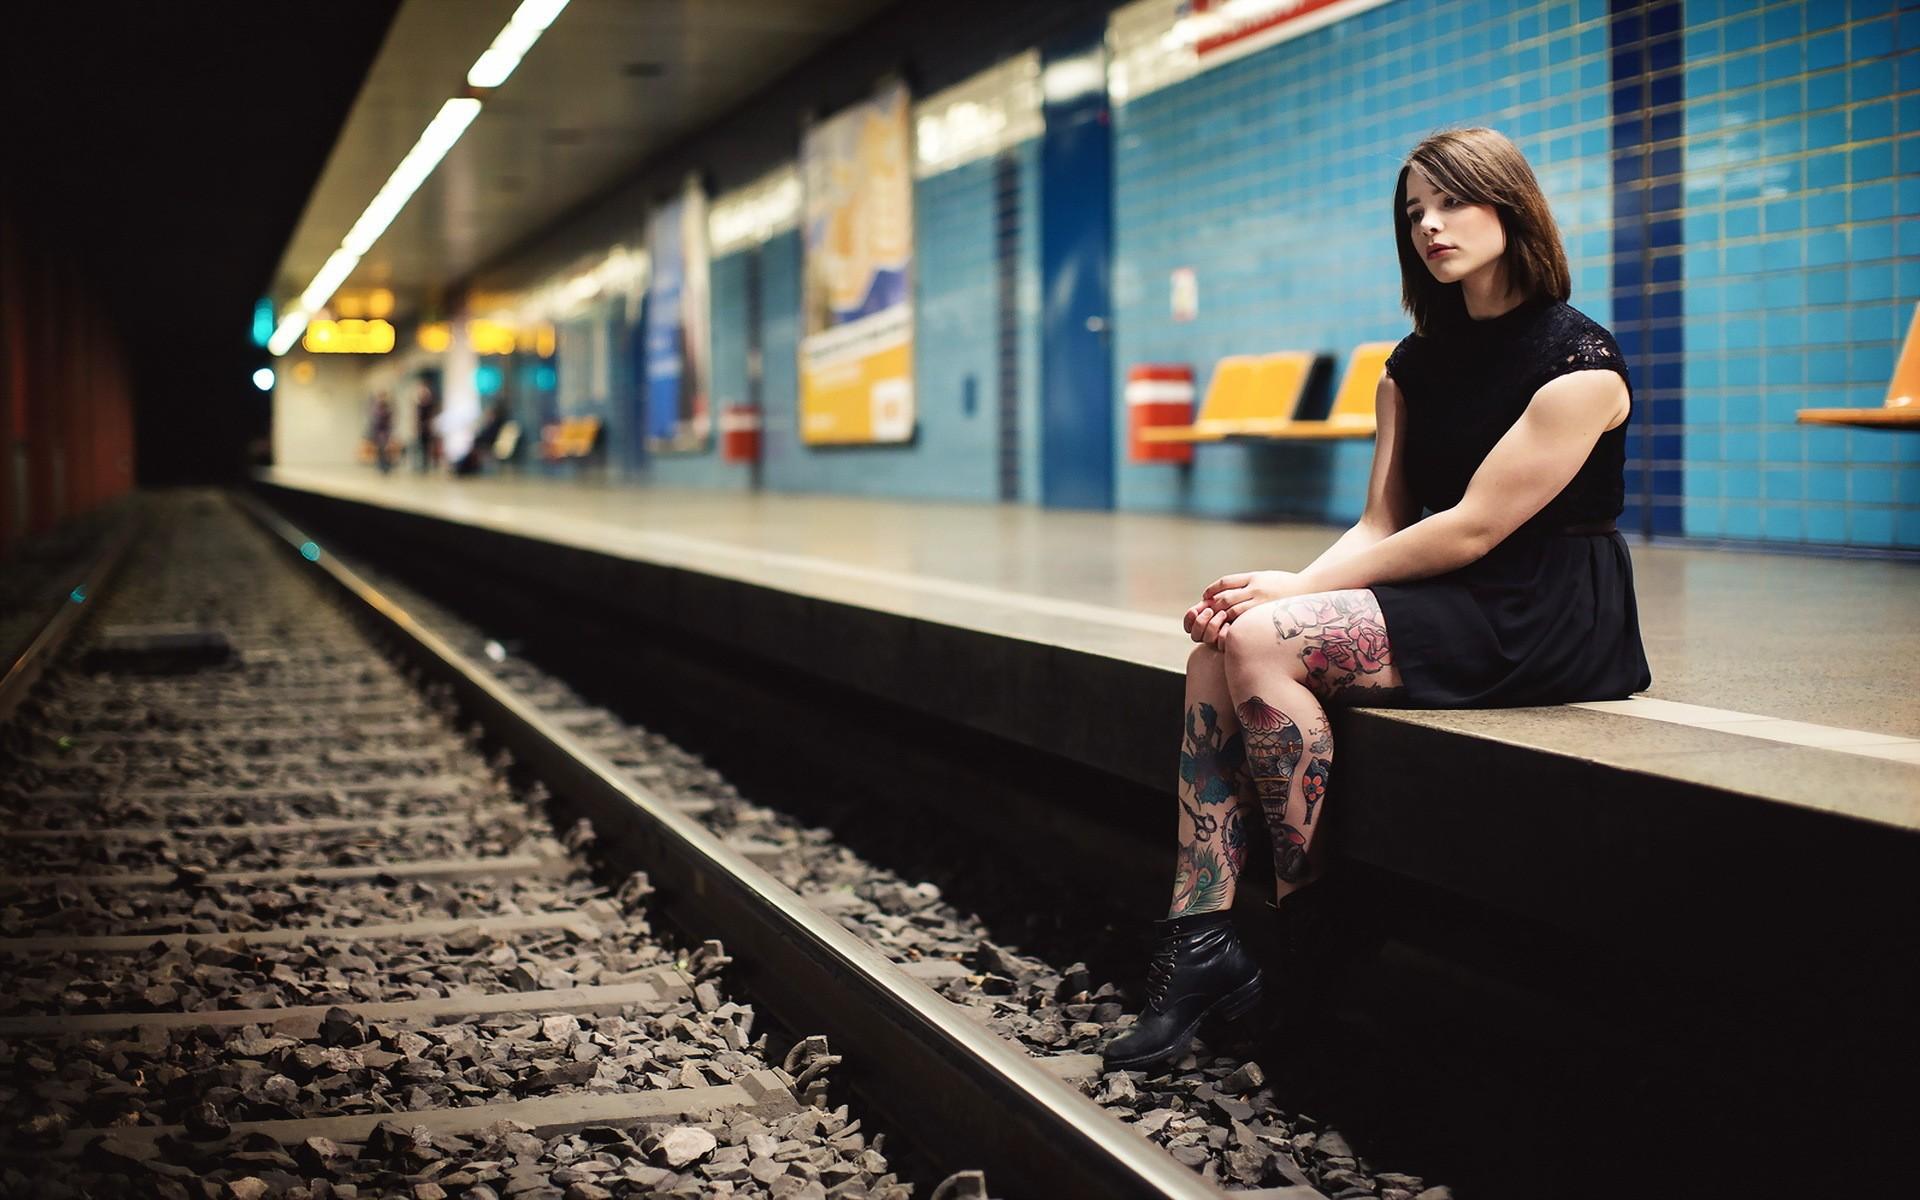 Фото девушек сидящих в метро 4 фотография